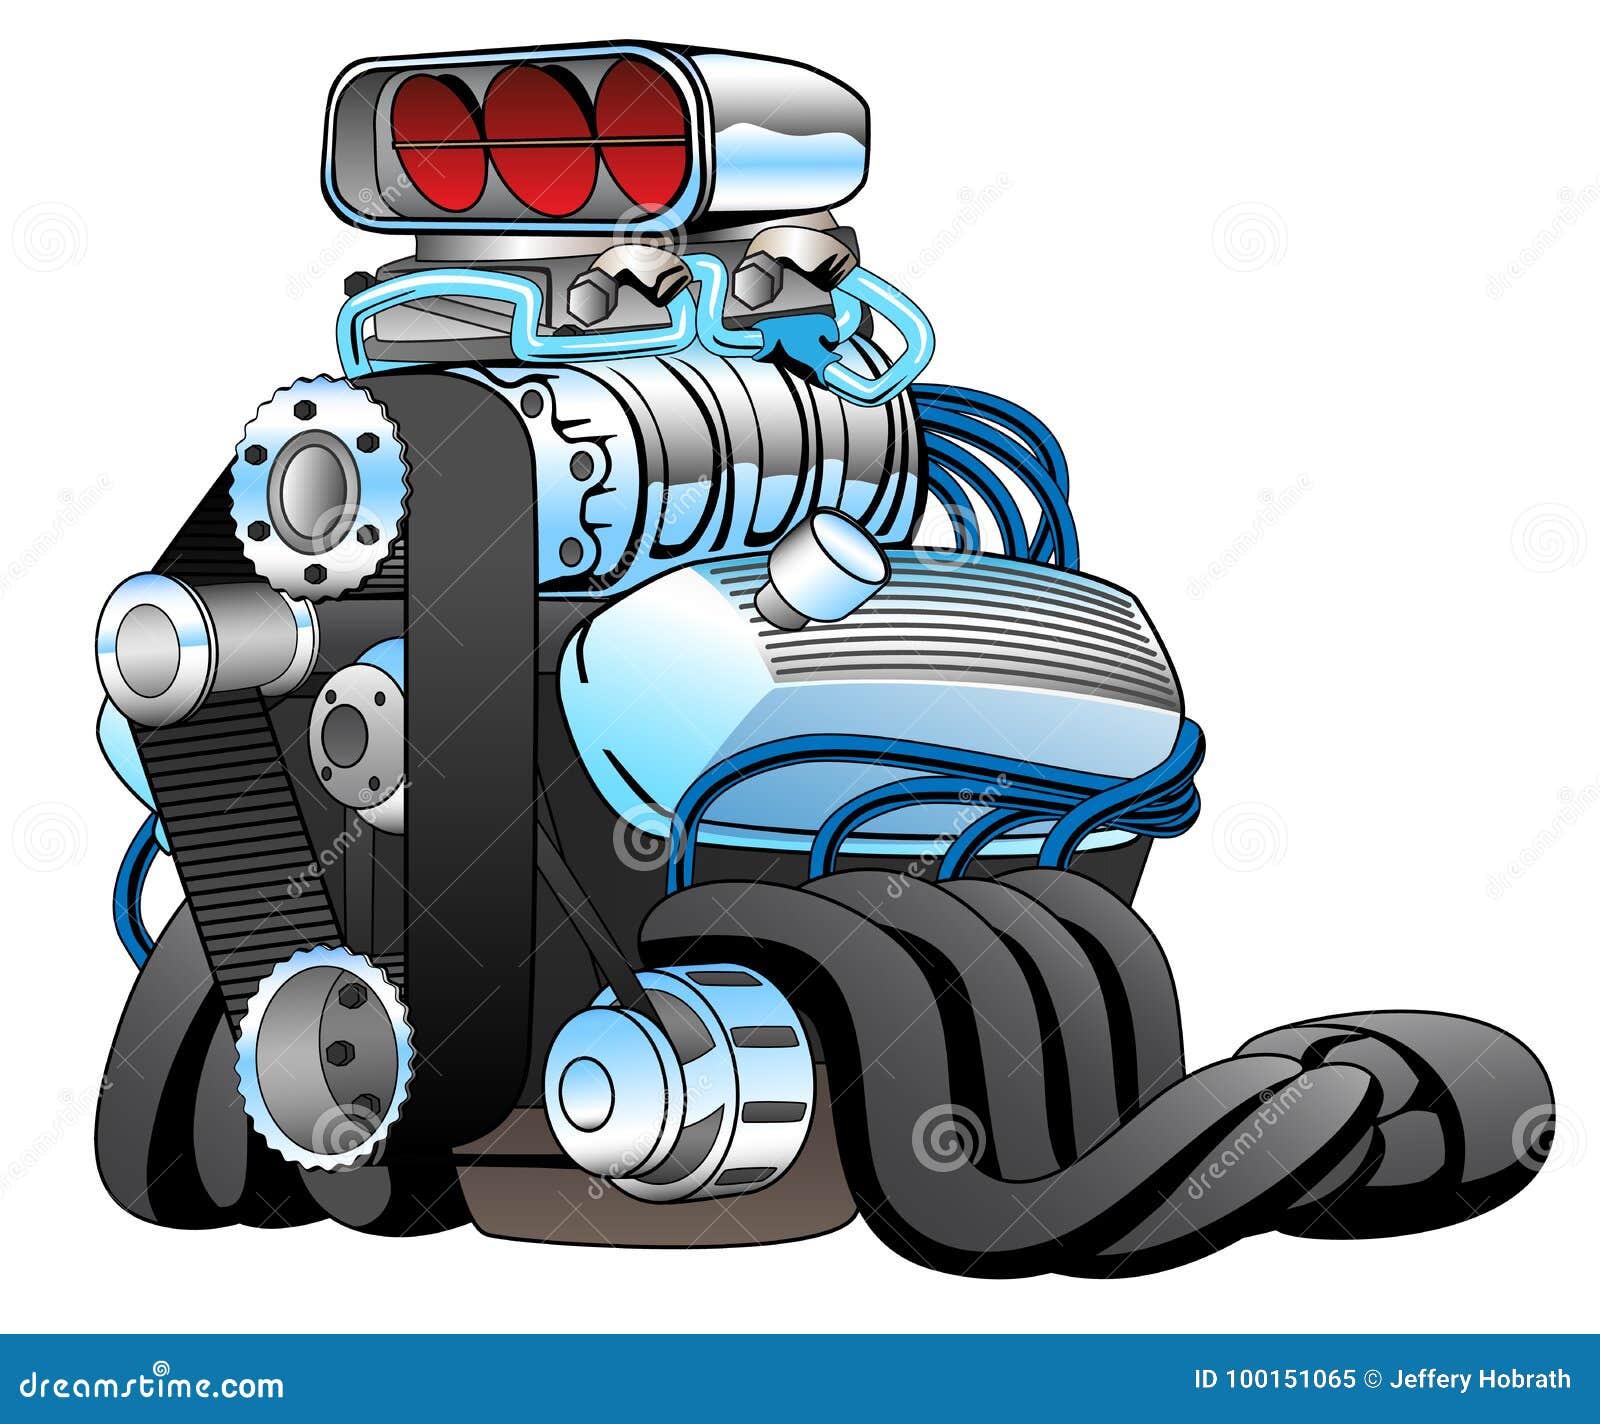 Hot Rod Race Car Engine Cartoon Vector Illustration Stock Vector